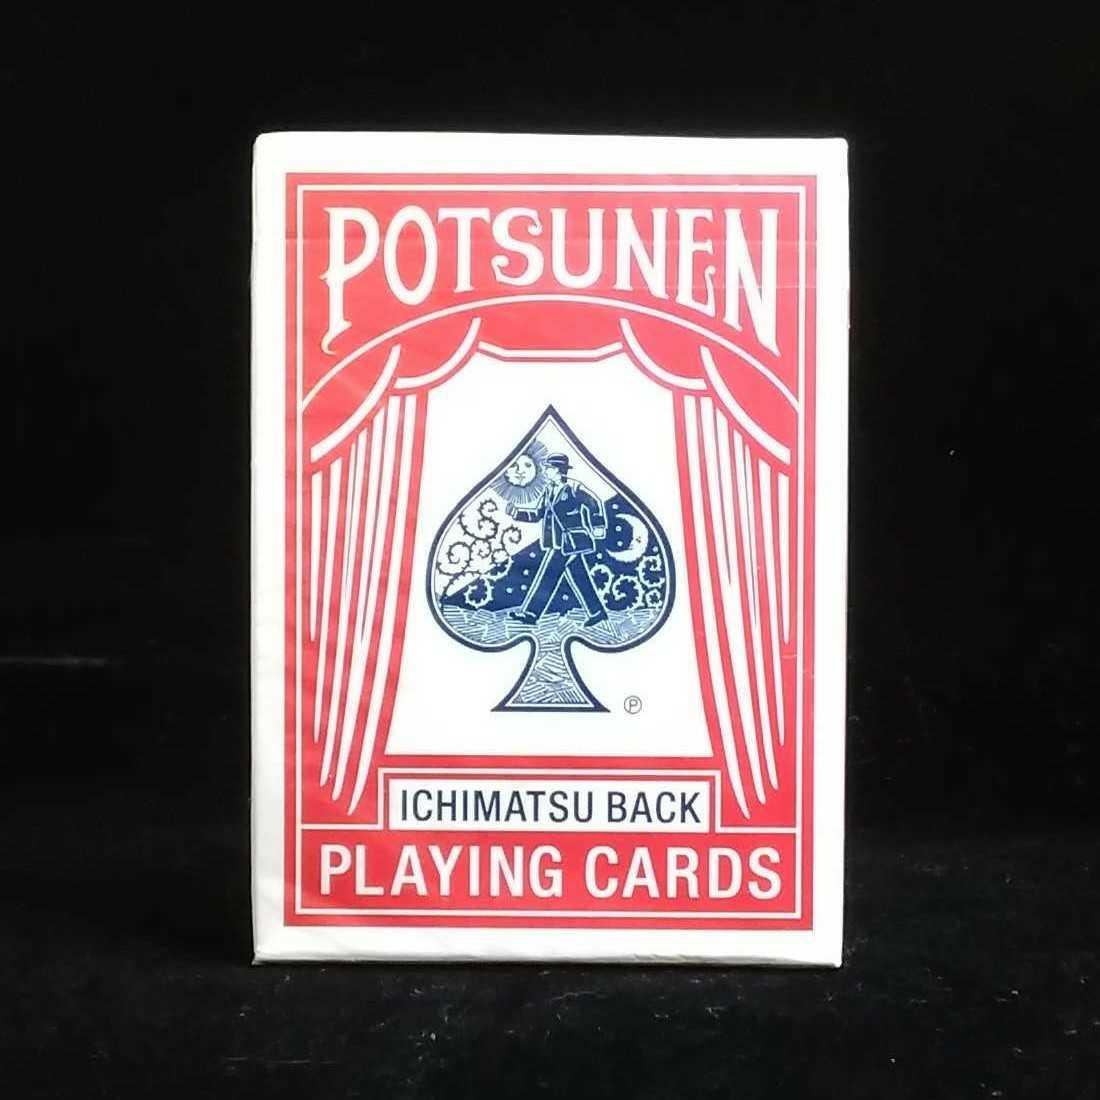 小林賢太郎 POTSUNEN トランプ(赤)|U.S. PLAYING CARD CO.